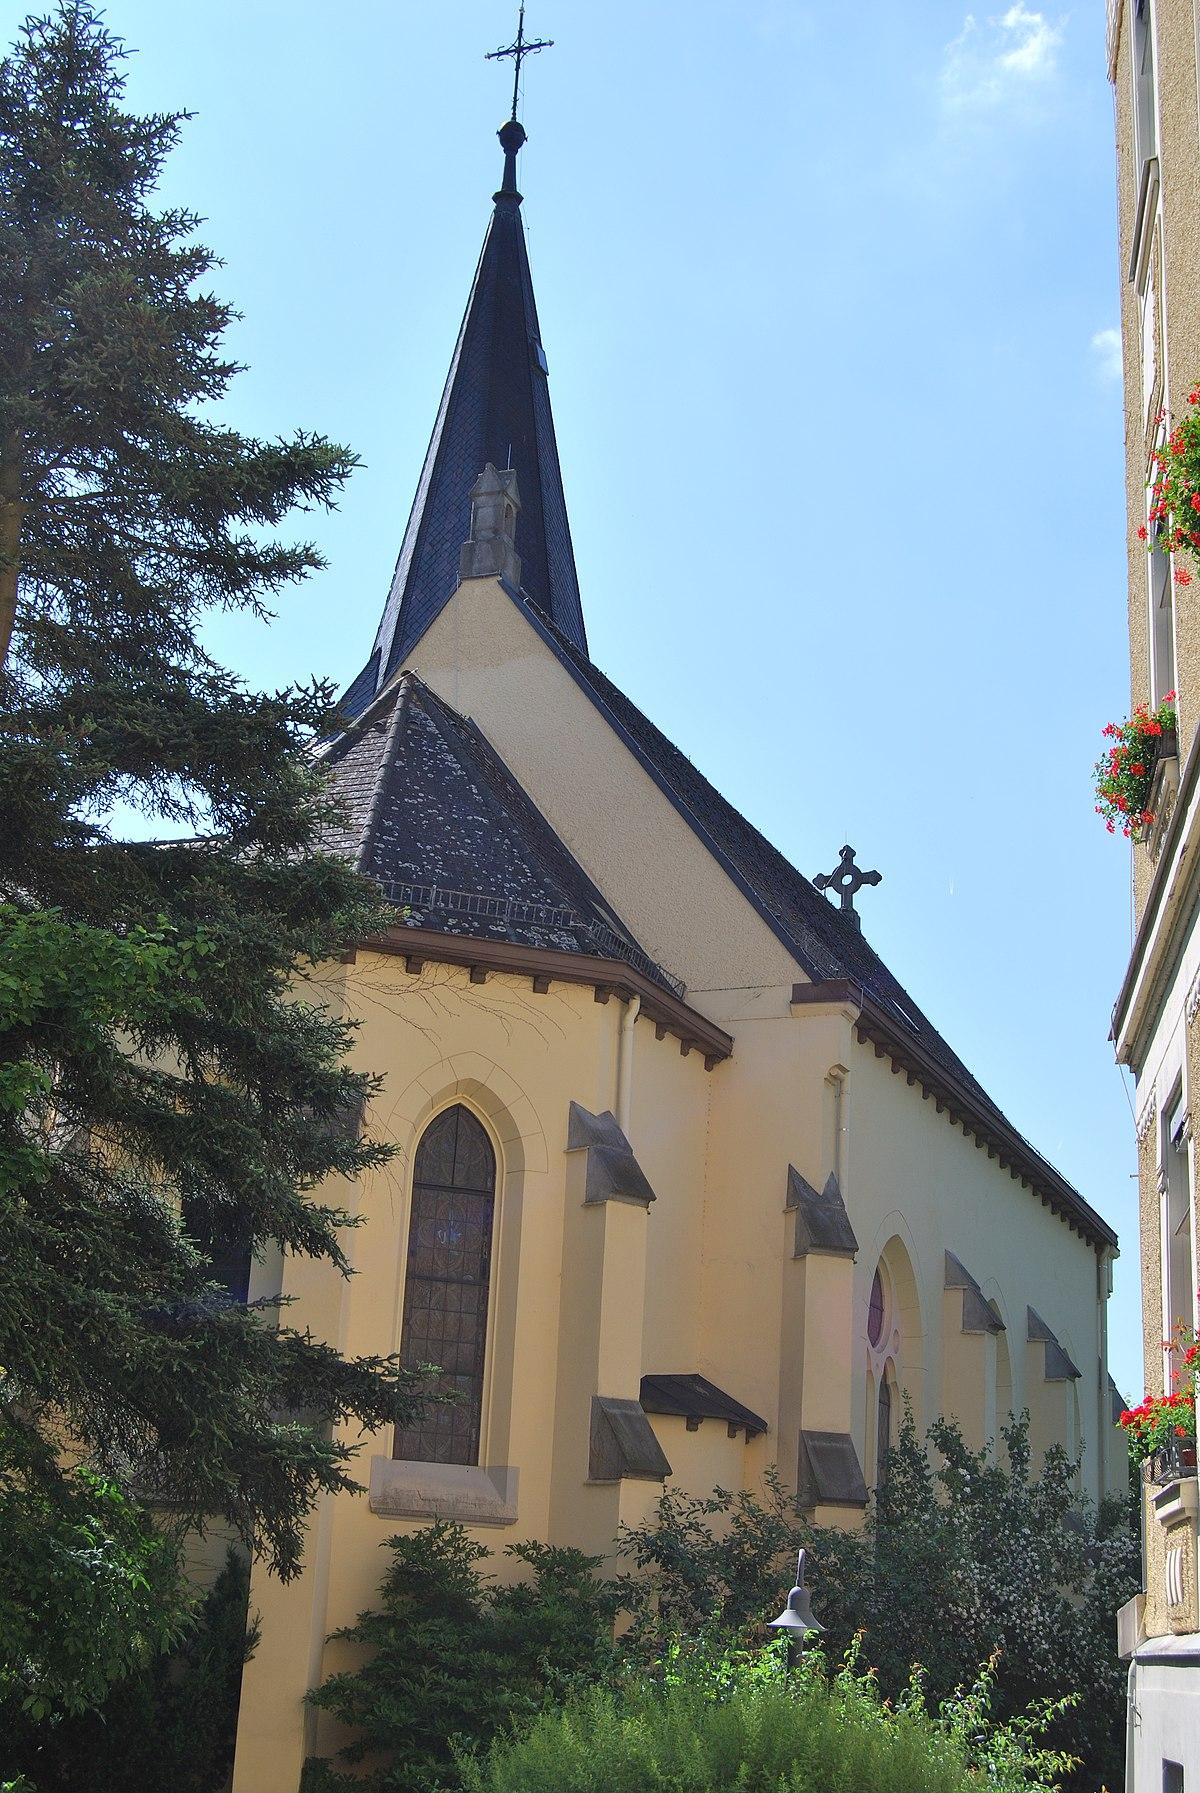 Gasthaus Anton Riepl - Stadtgemeinde Gallneukirchen - Home